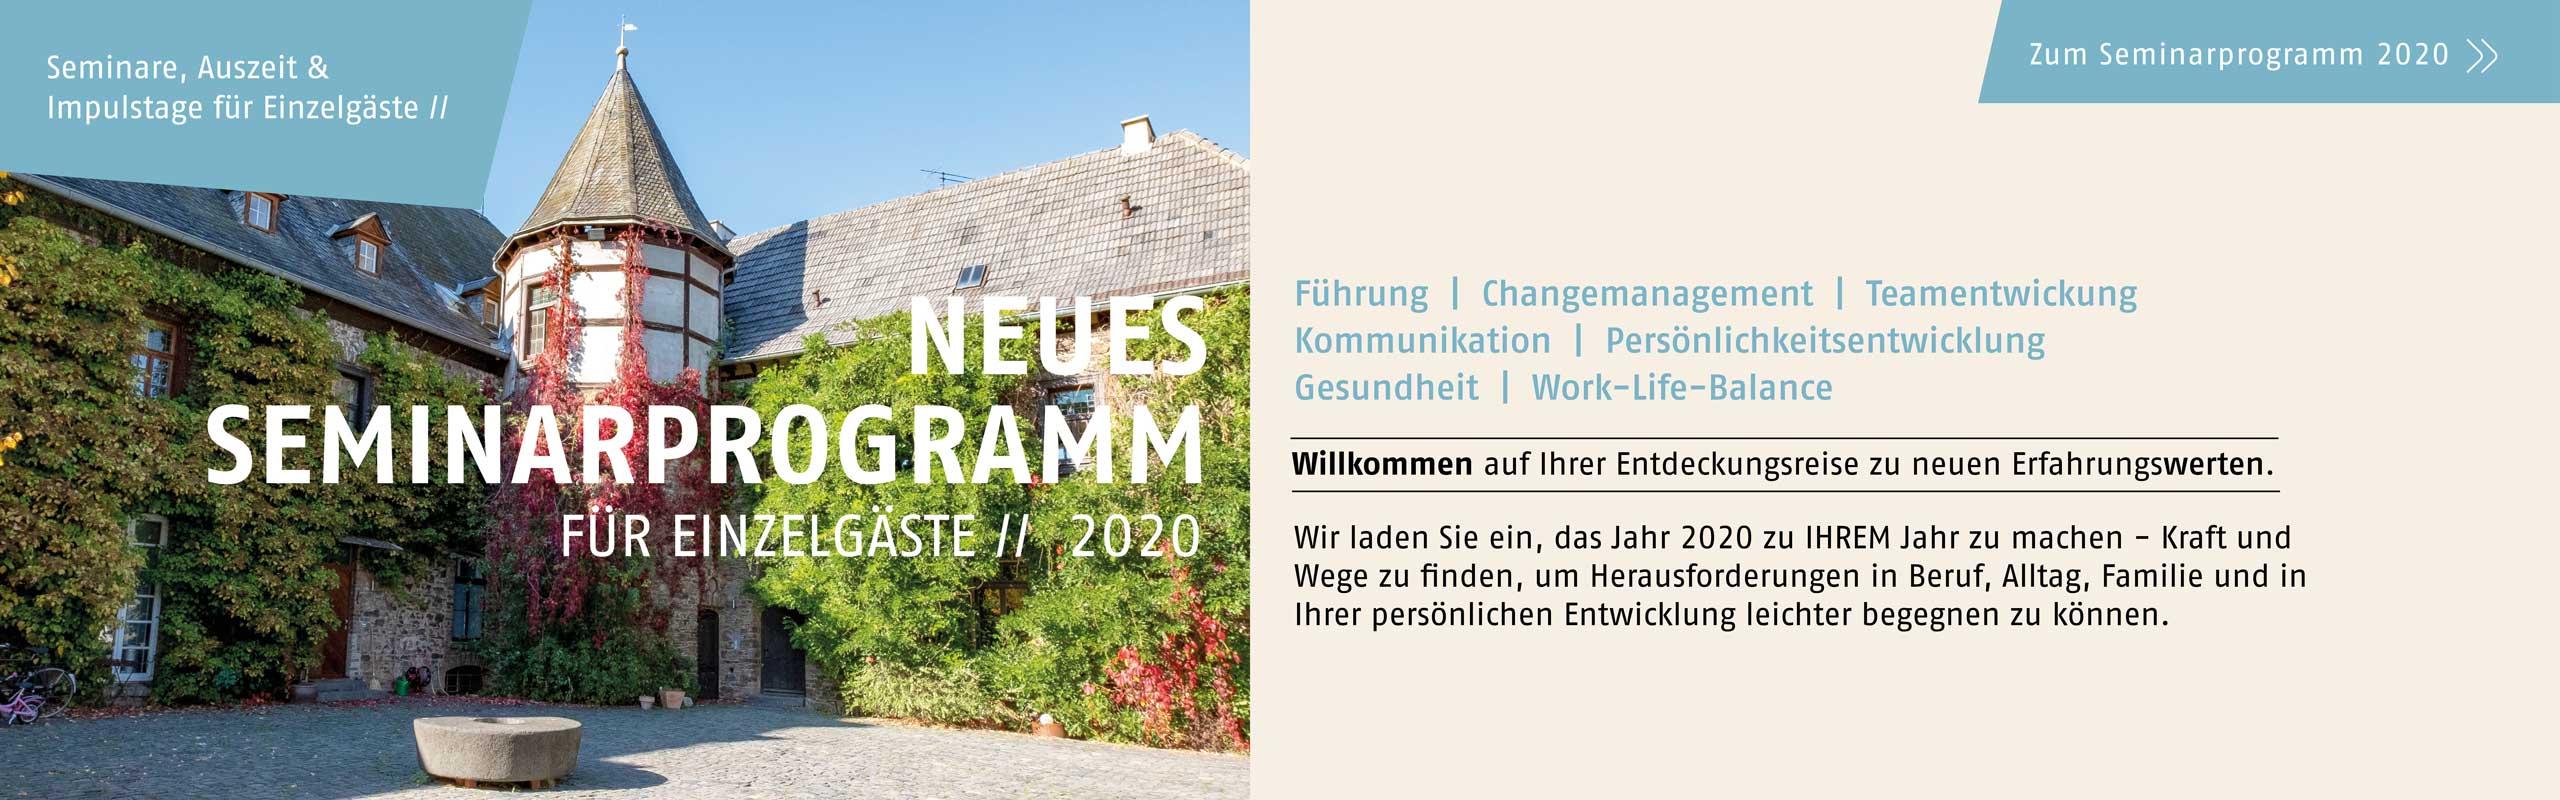 Impulstage im Kloster Schweinheim